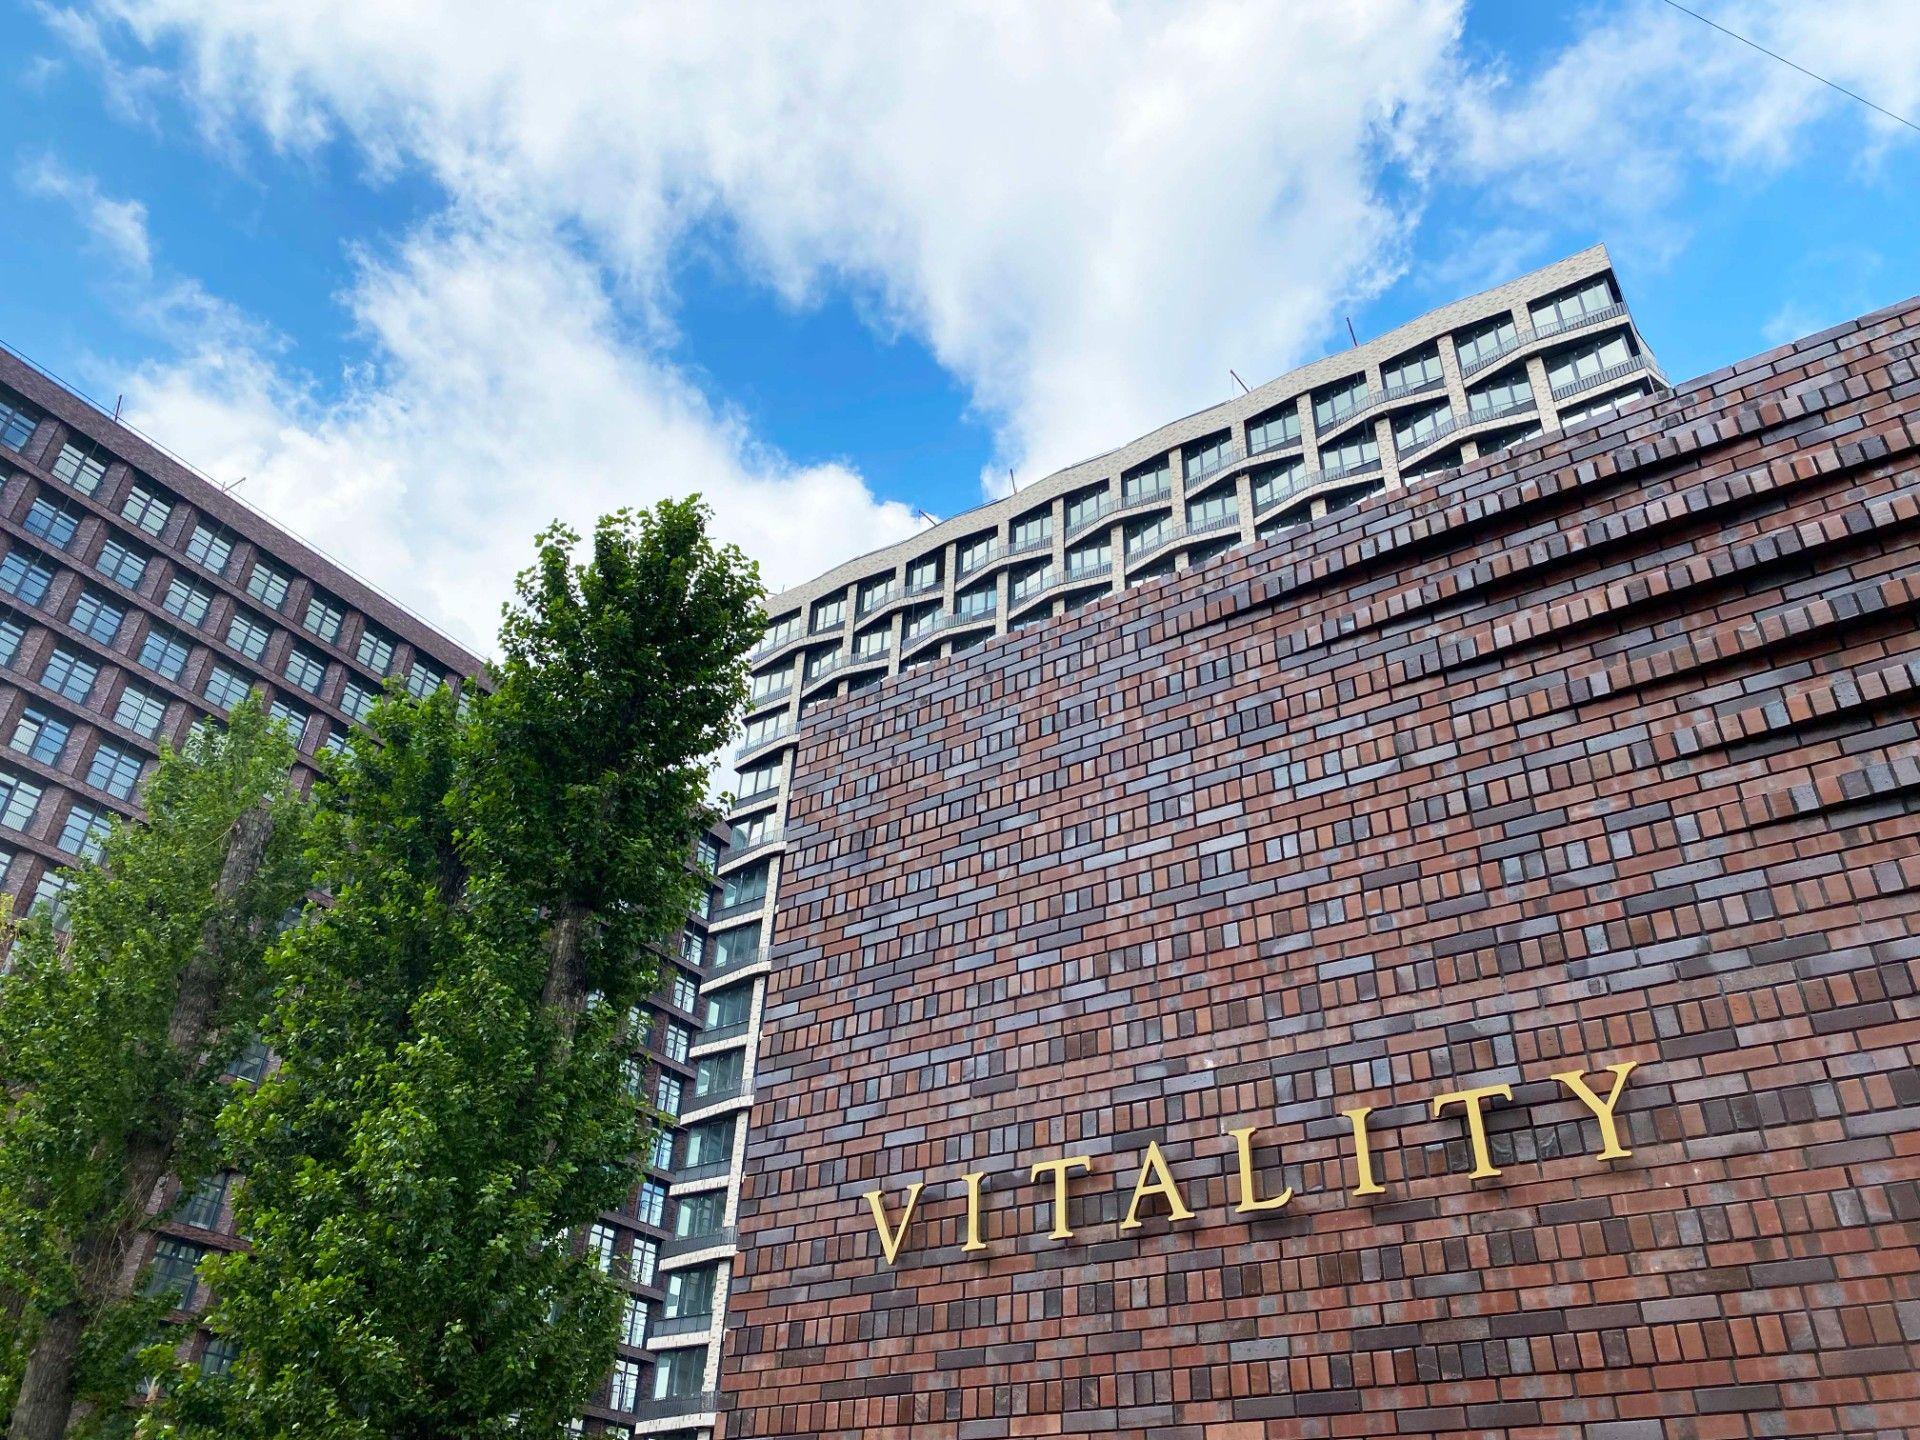 фото ЖК Клубный дом Vitality (Виталити)